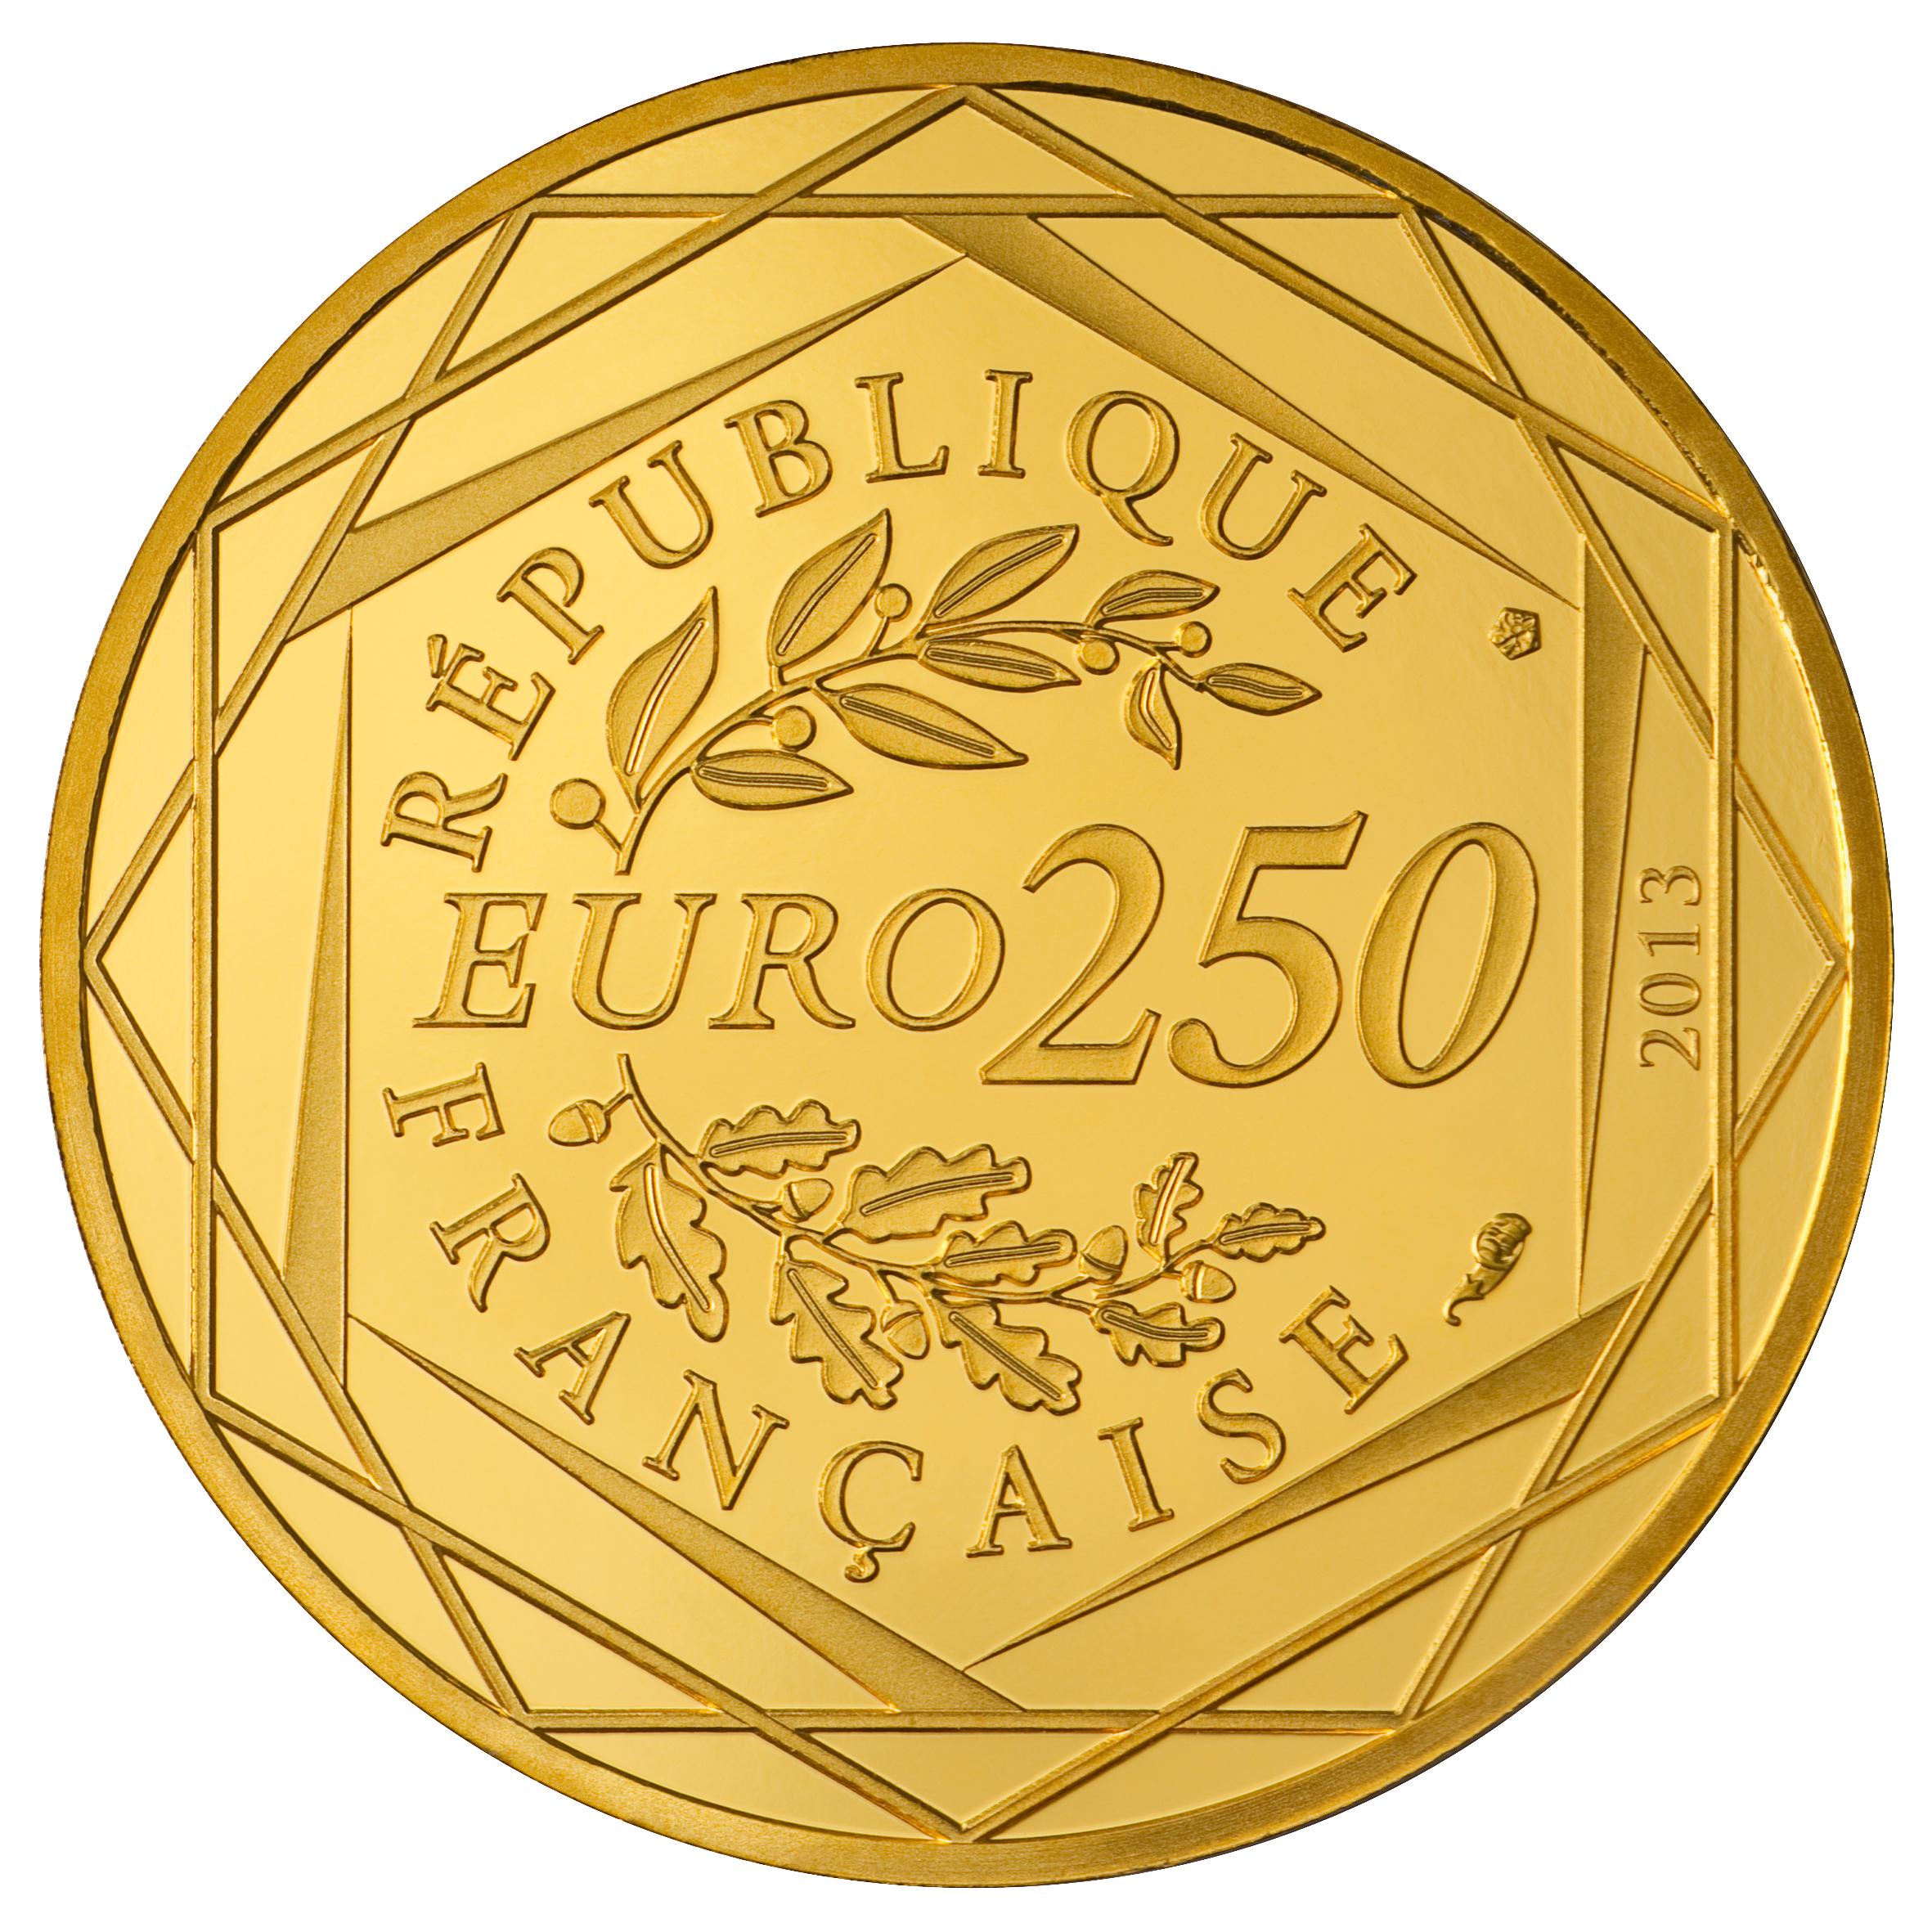 Les euros de la paix une pi ce d 39 or 250 euros pi ces - Mesurer hygrometrie d une piece ...